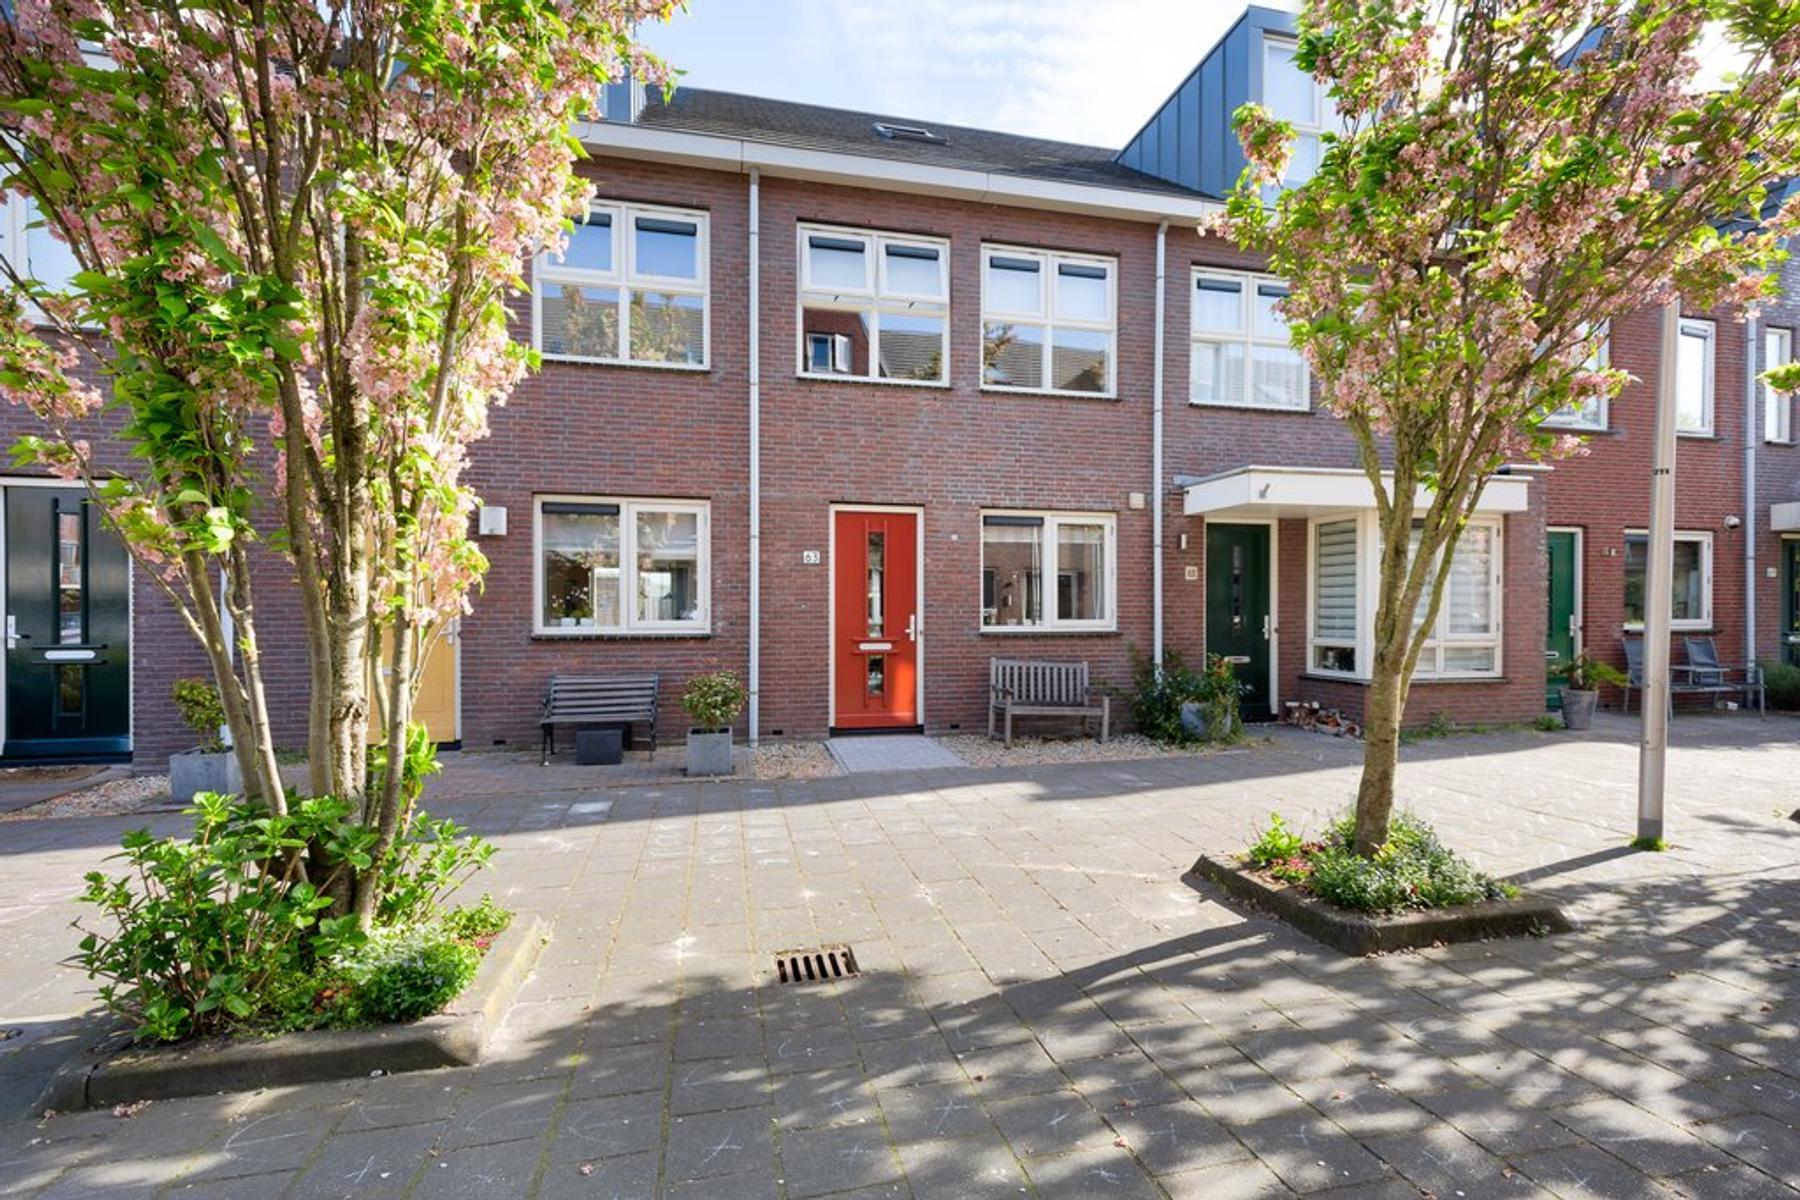 Burgemeester Bracklaan 63 in Reeuwijk 2811 BP